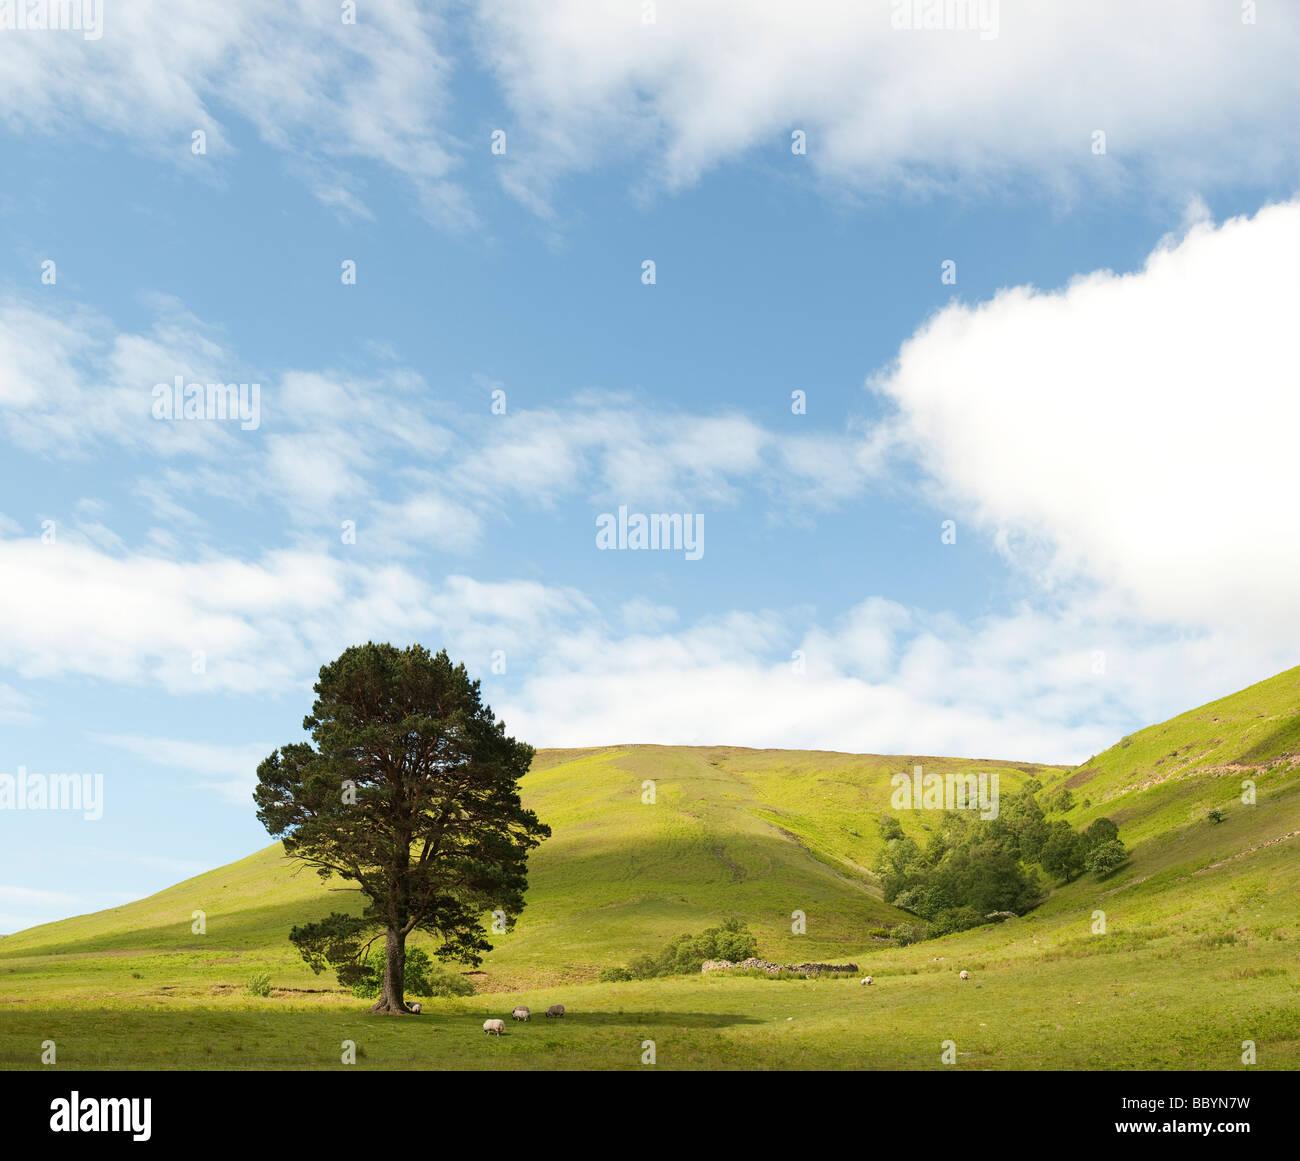 Picea abies. Single scots Pine Tree in den sanften Hügeln des schottischen Grenze Landschaft. Schottland Stockbild